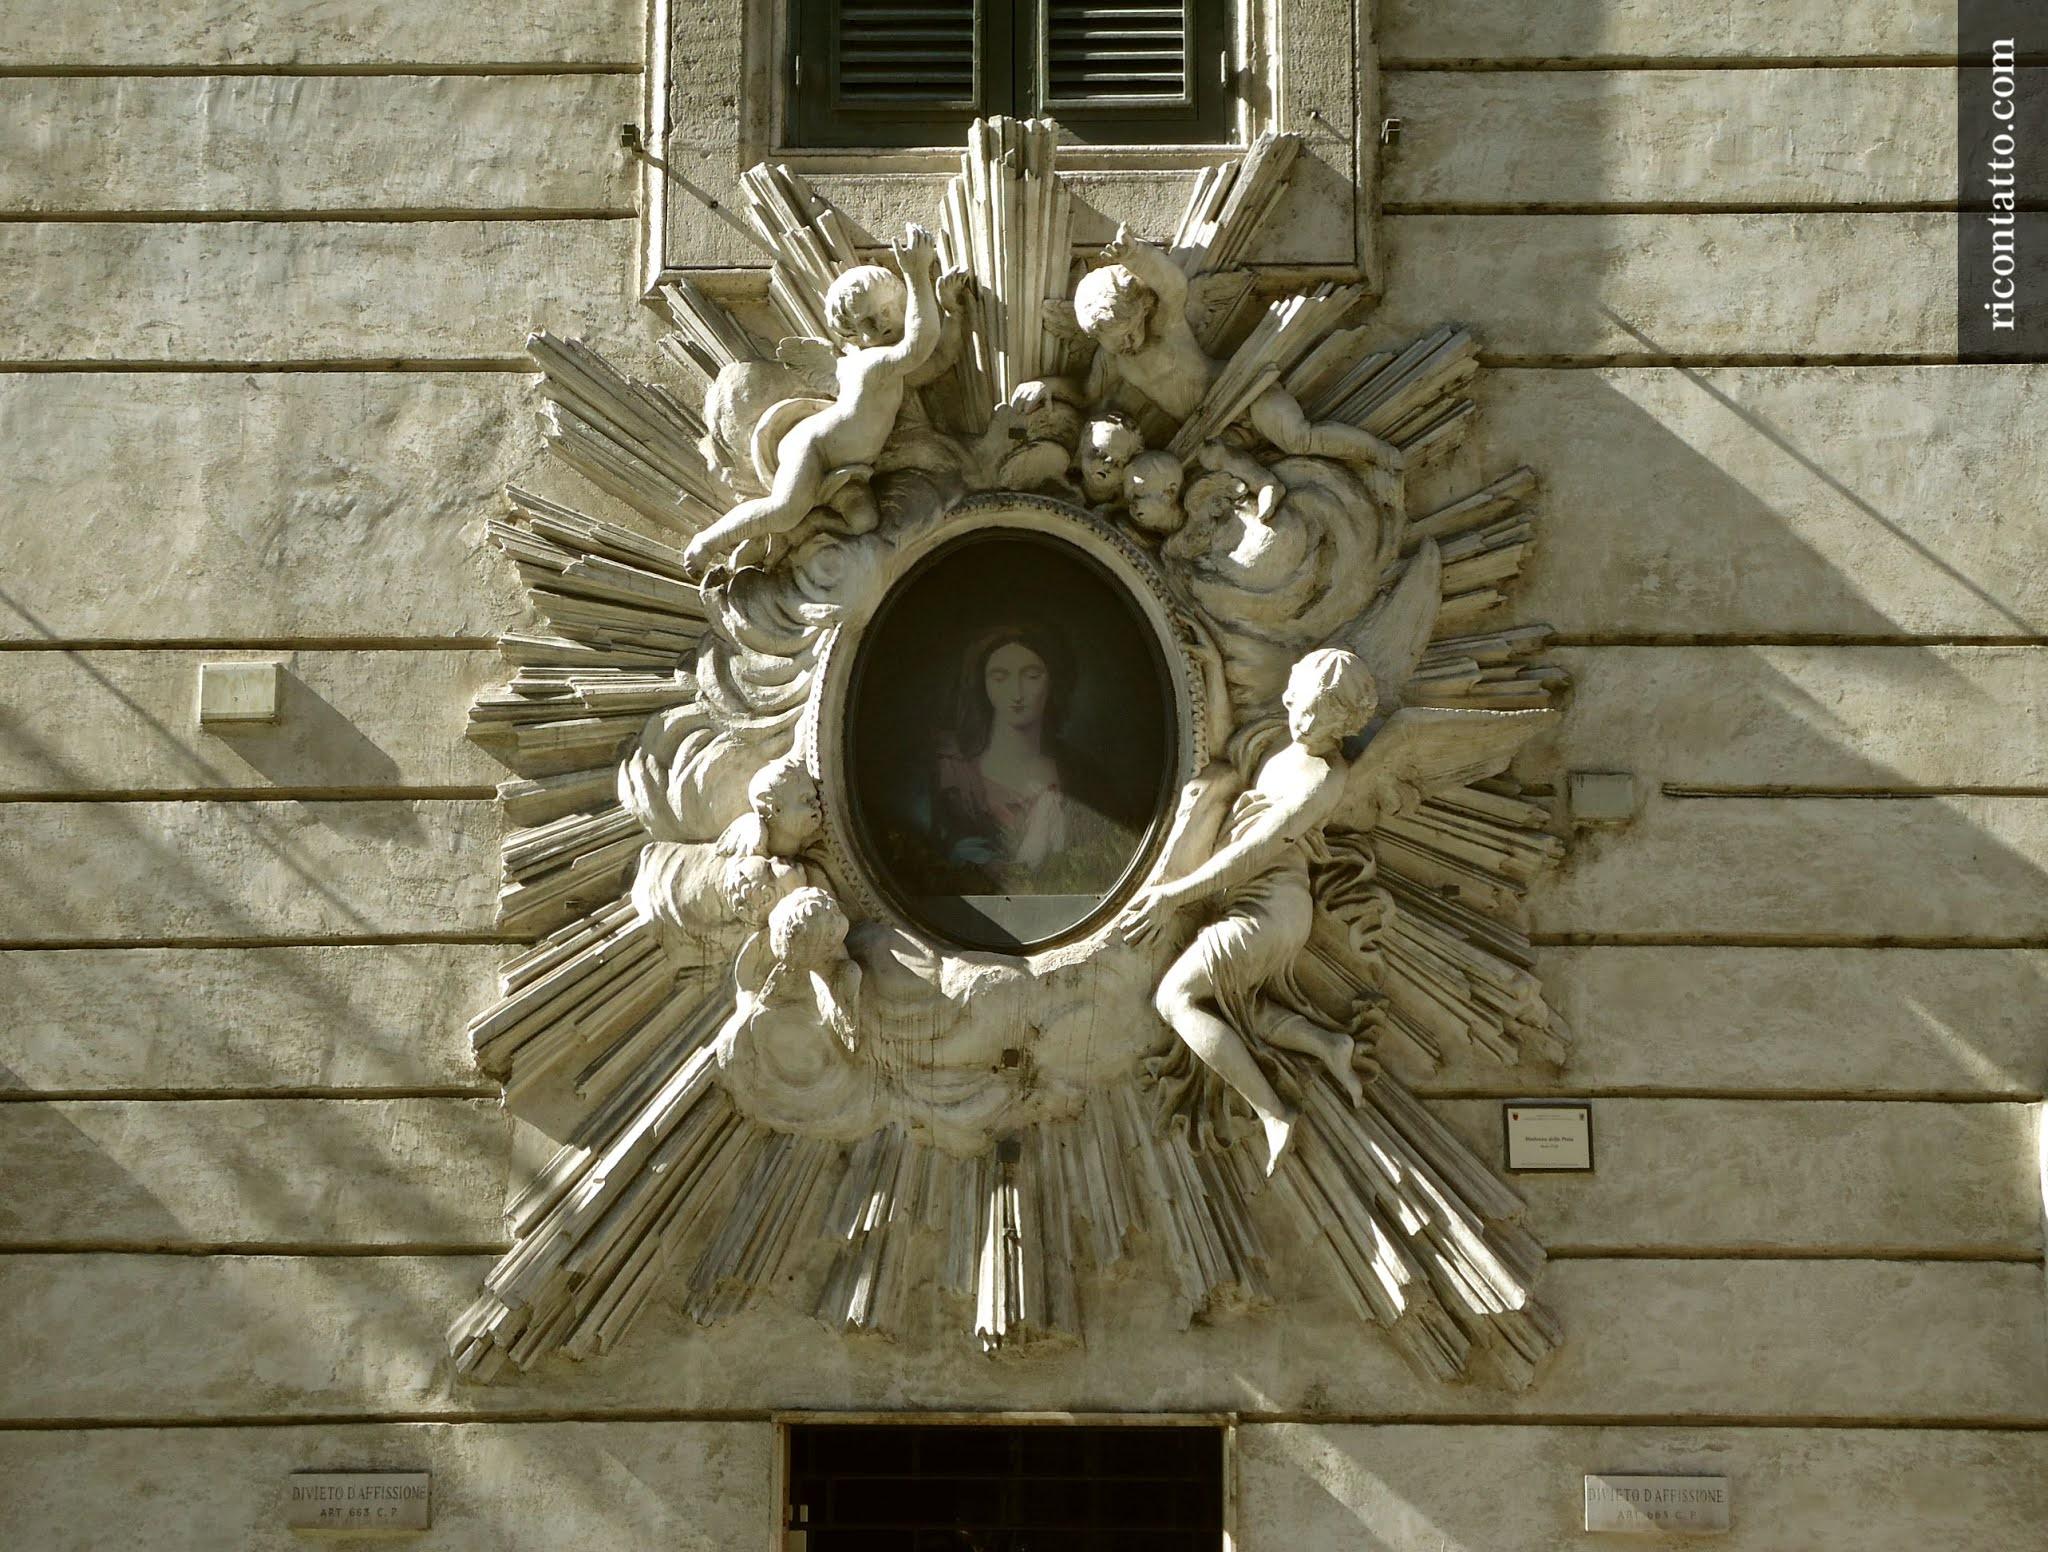 Roma, Lazio, Italy - Photo #12 by Ricontatto.com